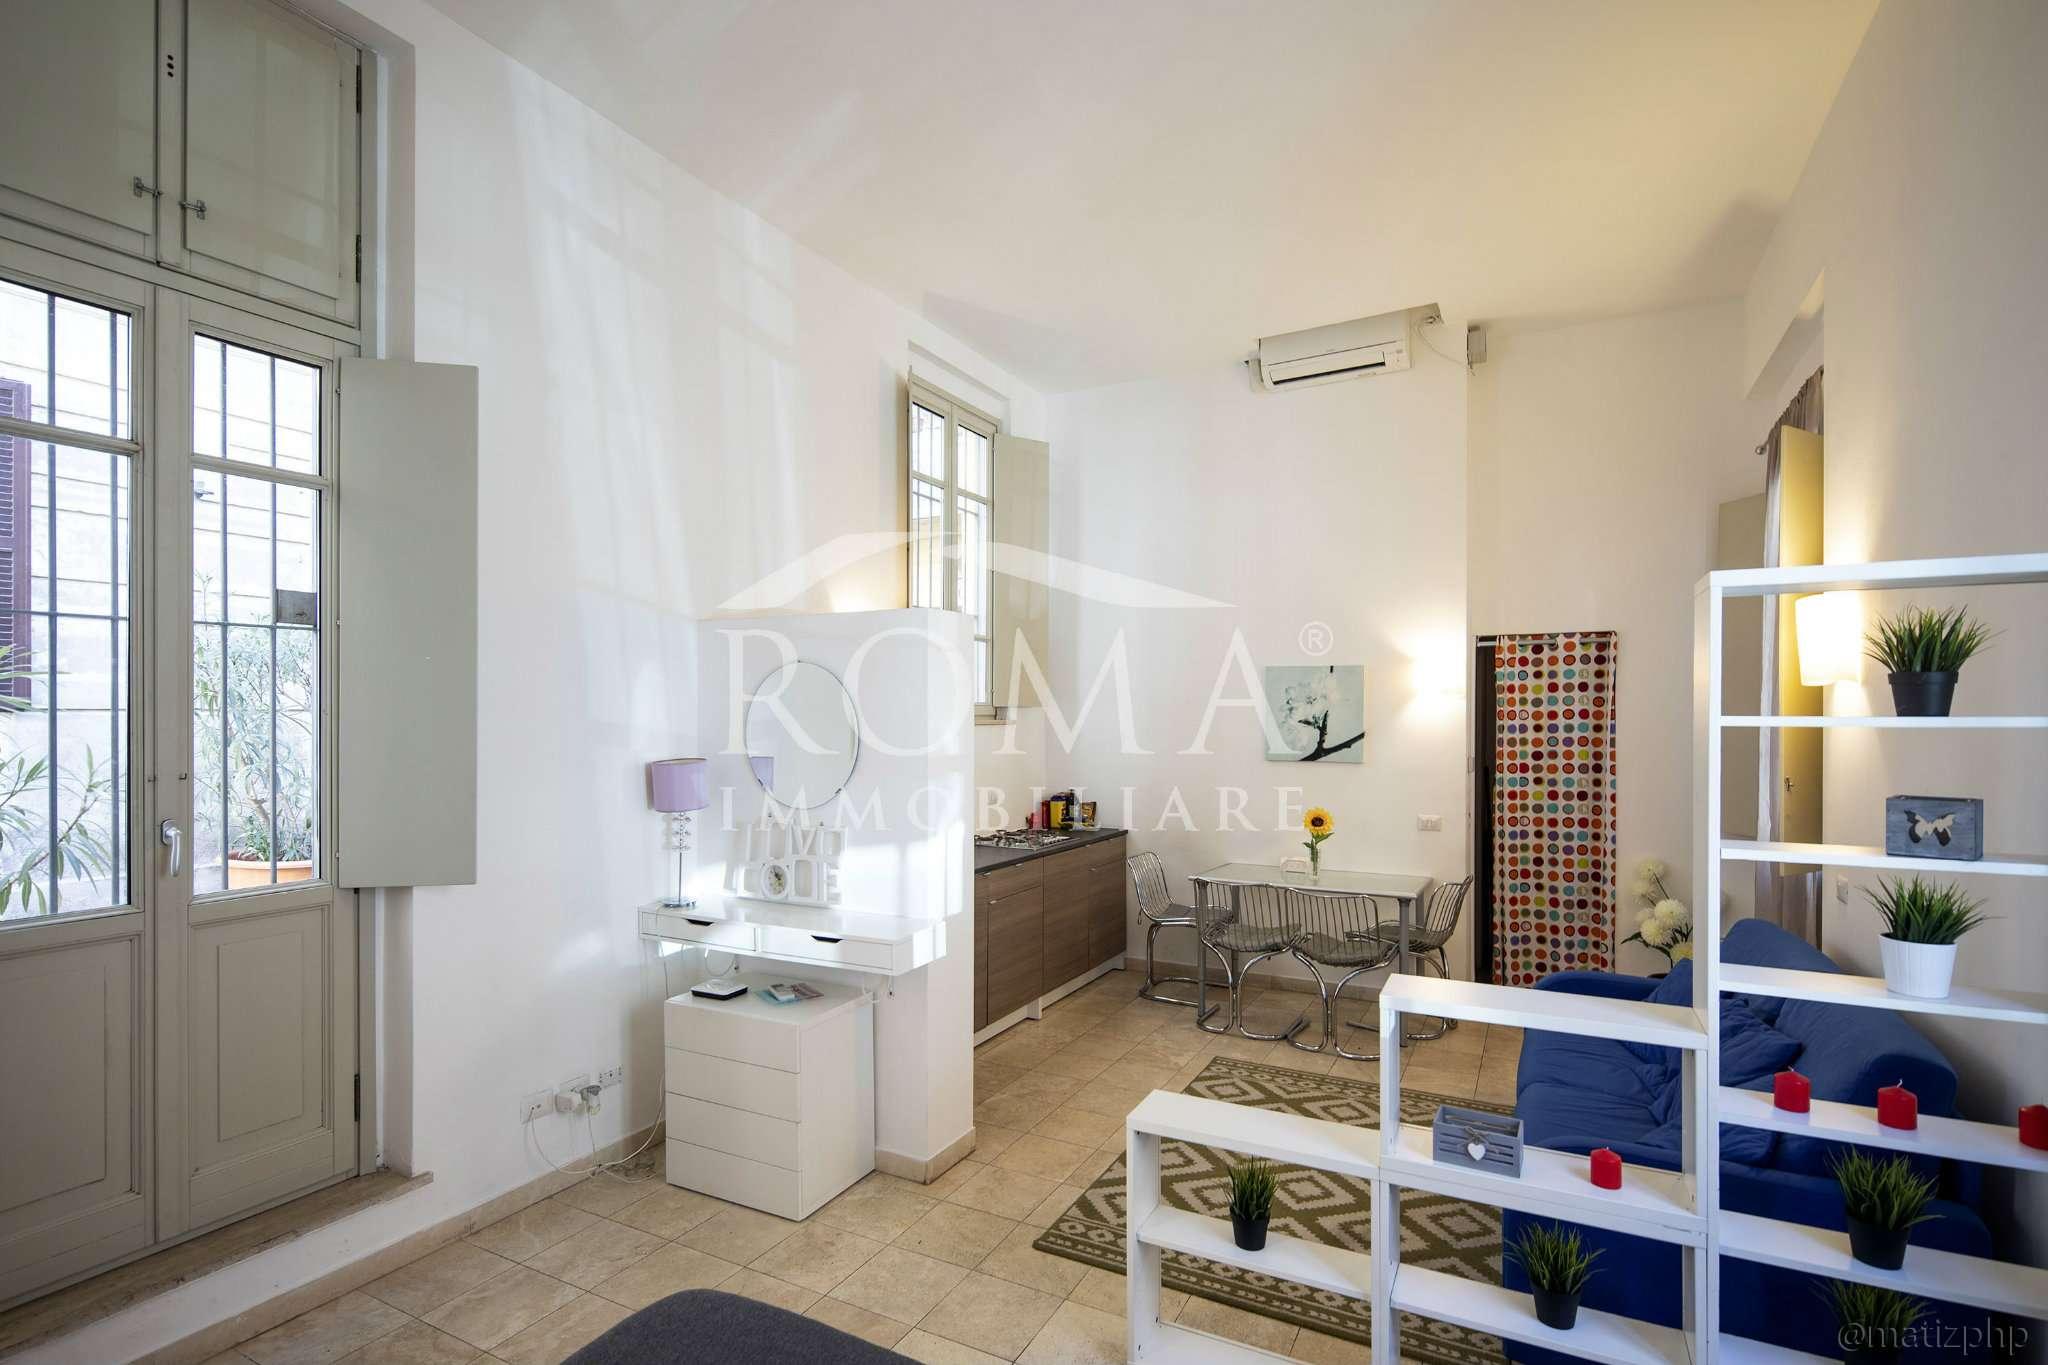 Appartamento in vendita a Roma, 2 locali, zona Zona: 25 . Trastevere - Testaccio, prezzo € 295.000 | CambioCasa.it